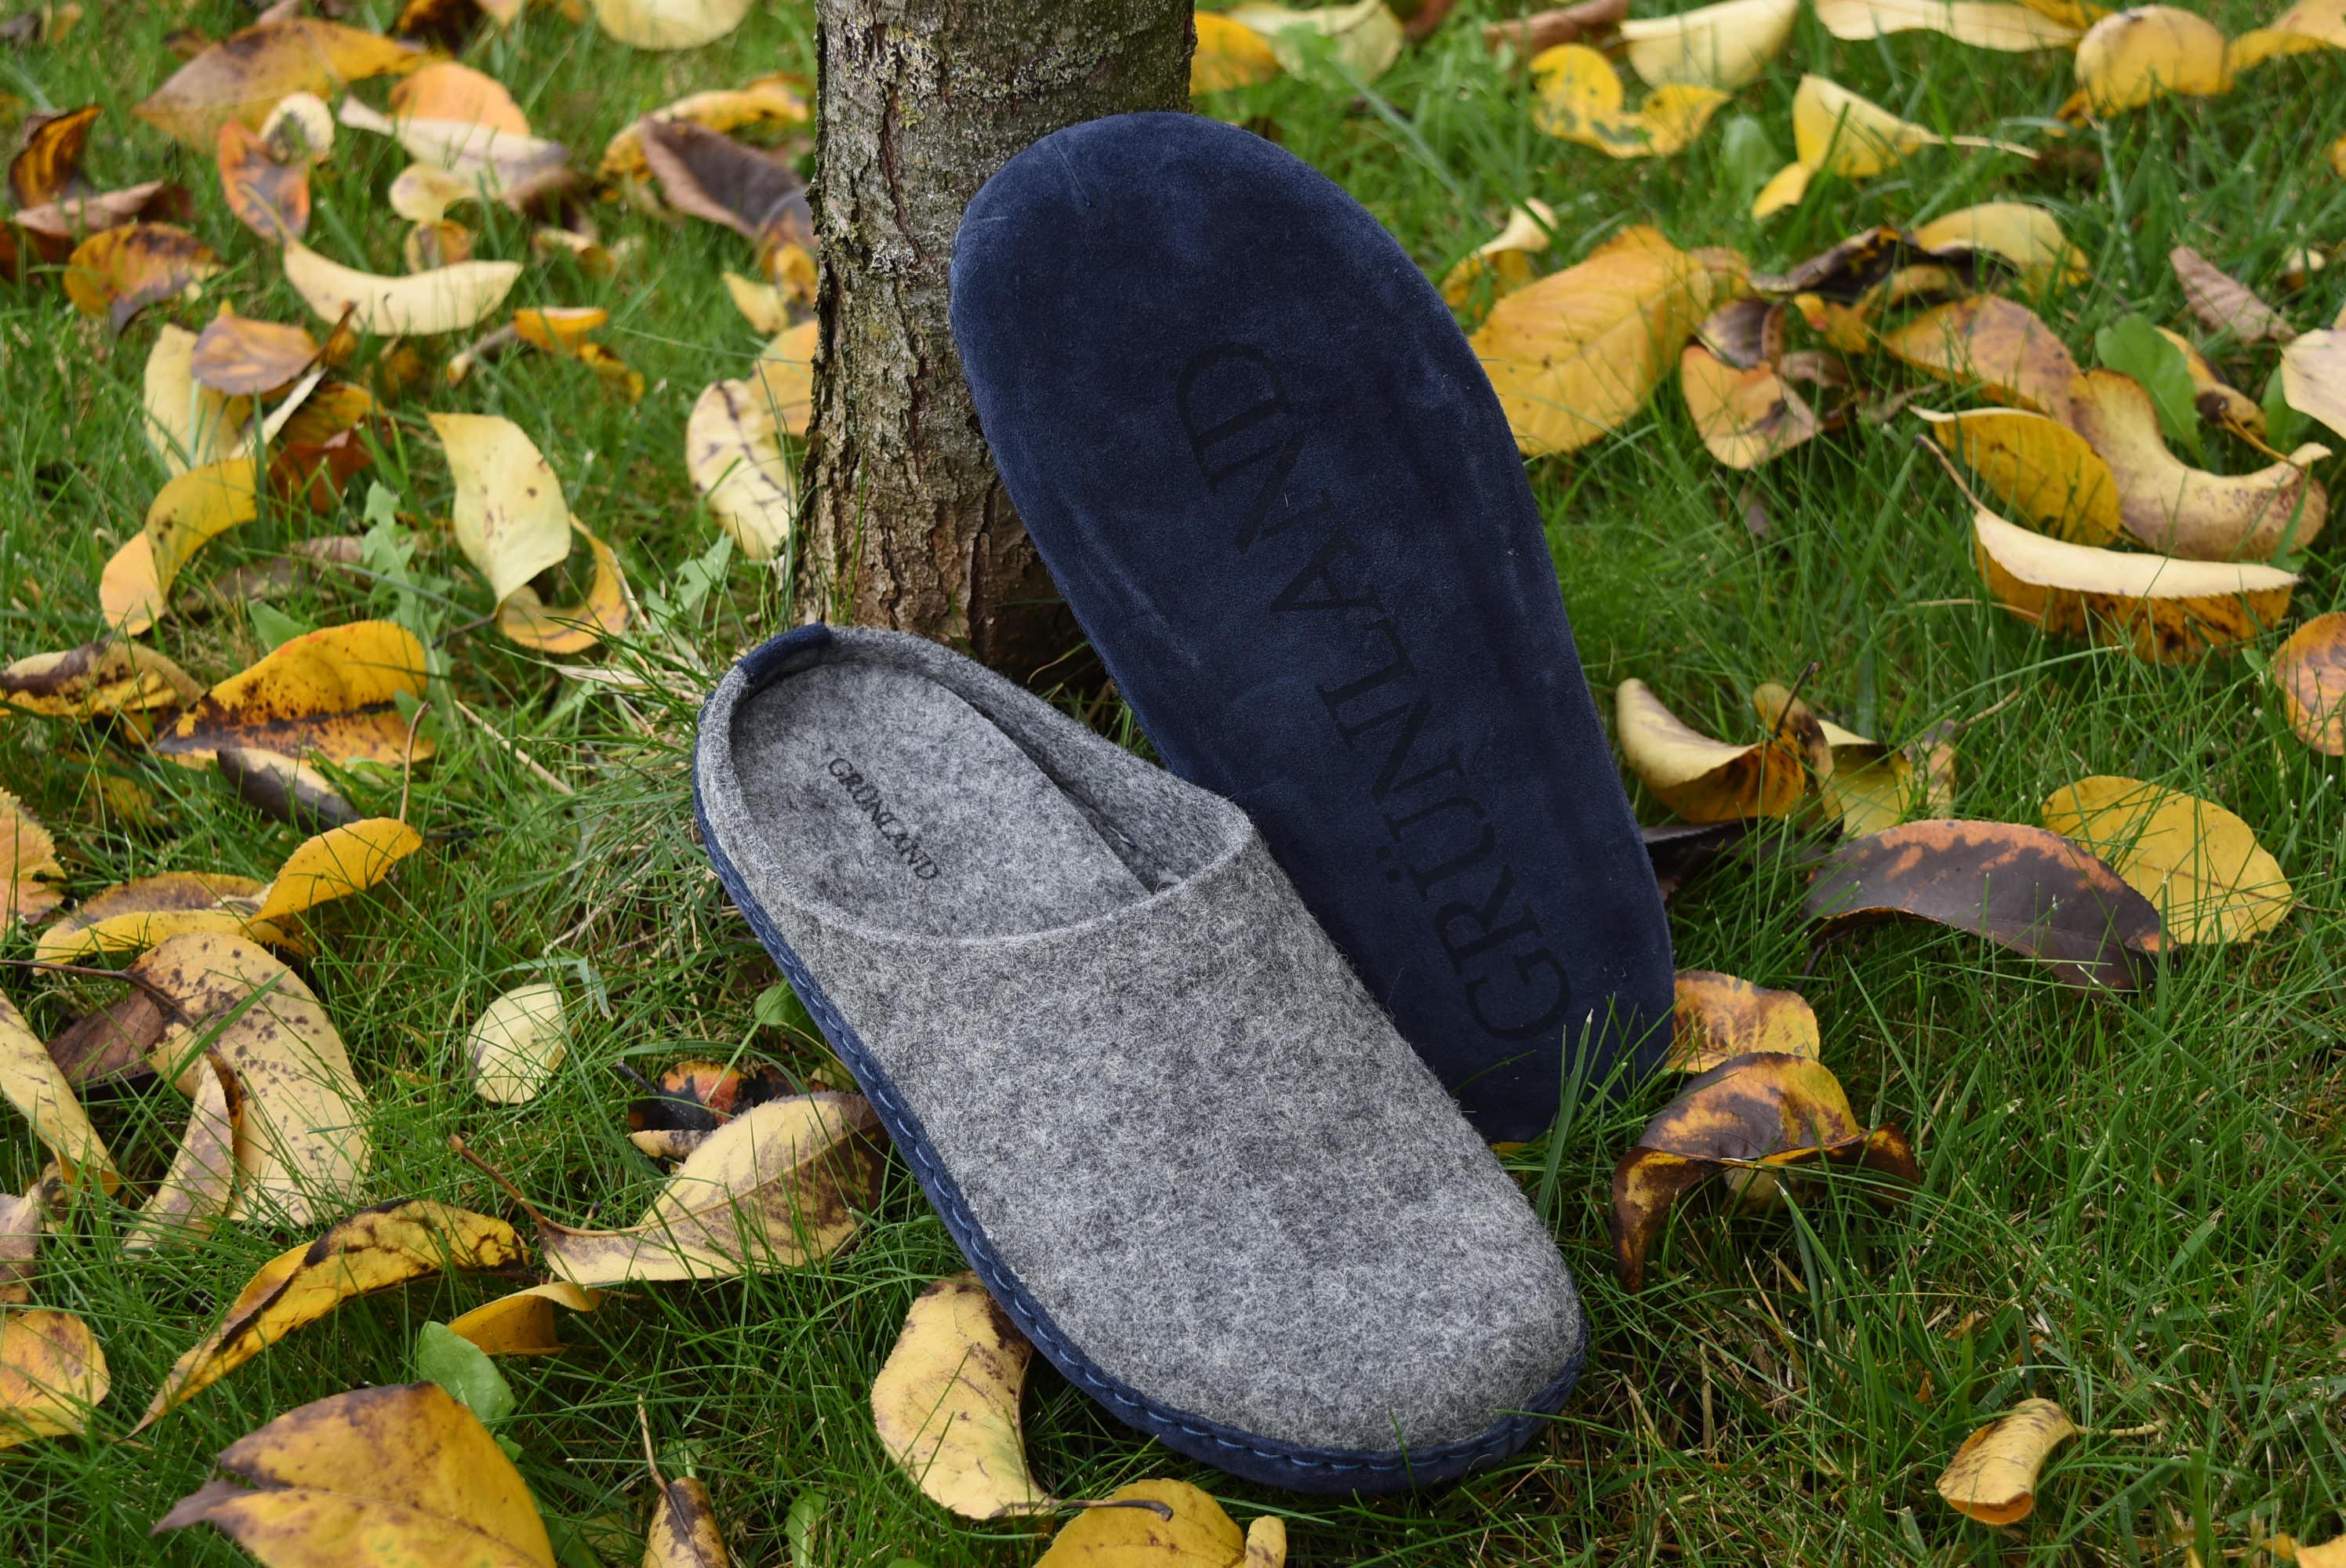 GRUNLAND APAC CI1397 A6 GRIGIO BLU Ciabatte Pantofole Tirolesi Uomo Lana Cotta collezione autunno inverno 2018 19